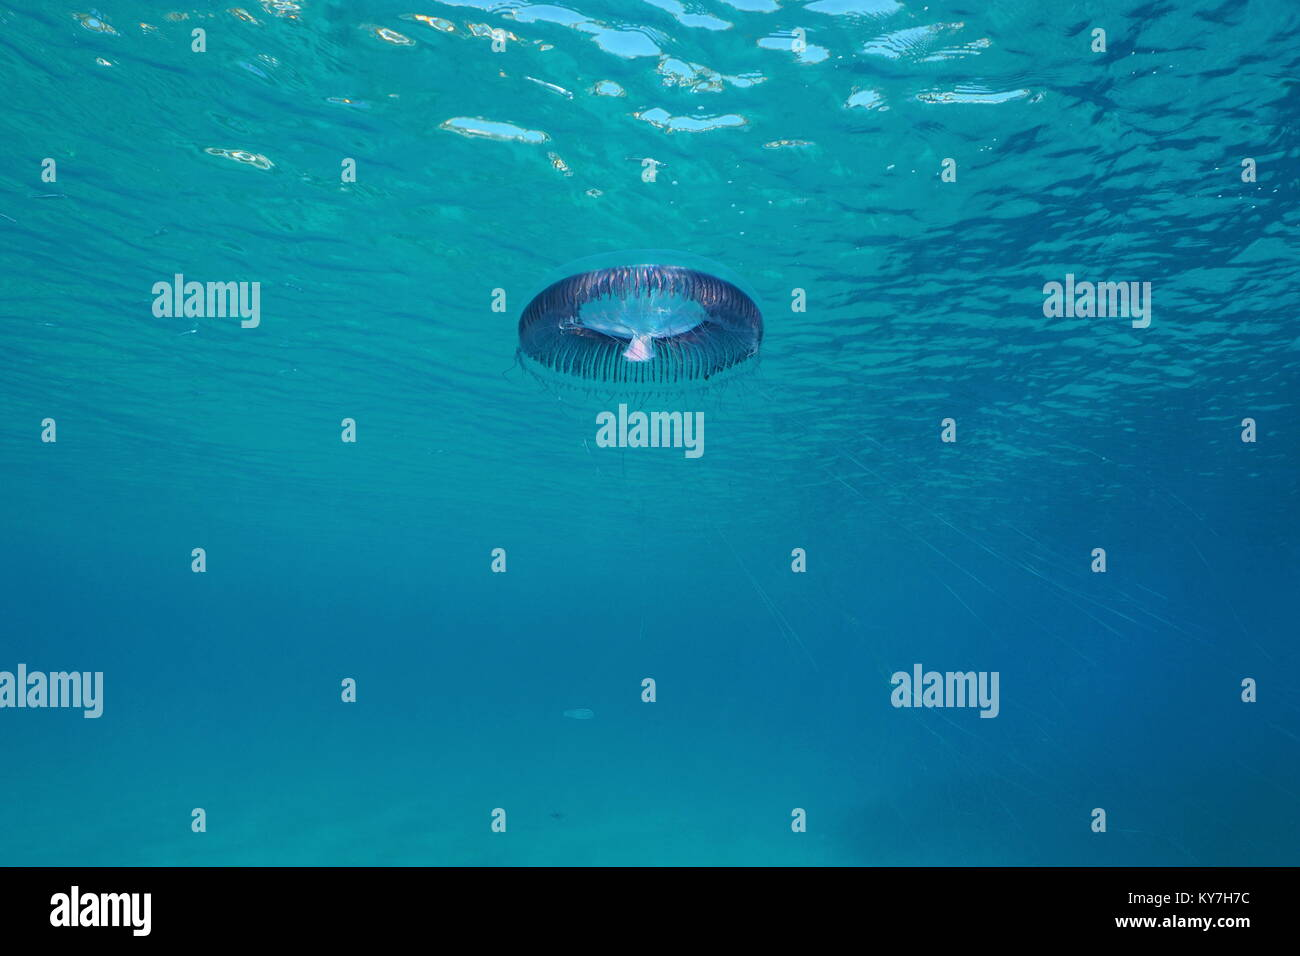 Les méduses Aequorea Sp. sous la surface de l'eau dans la mer Méditerranée, l'Espagne, Costa Photo Stock